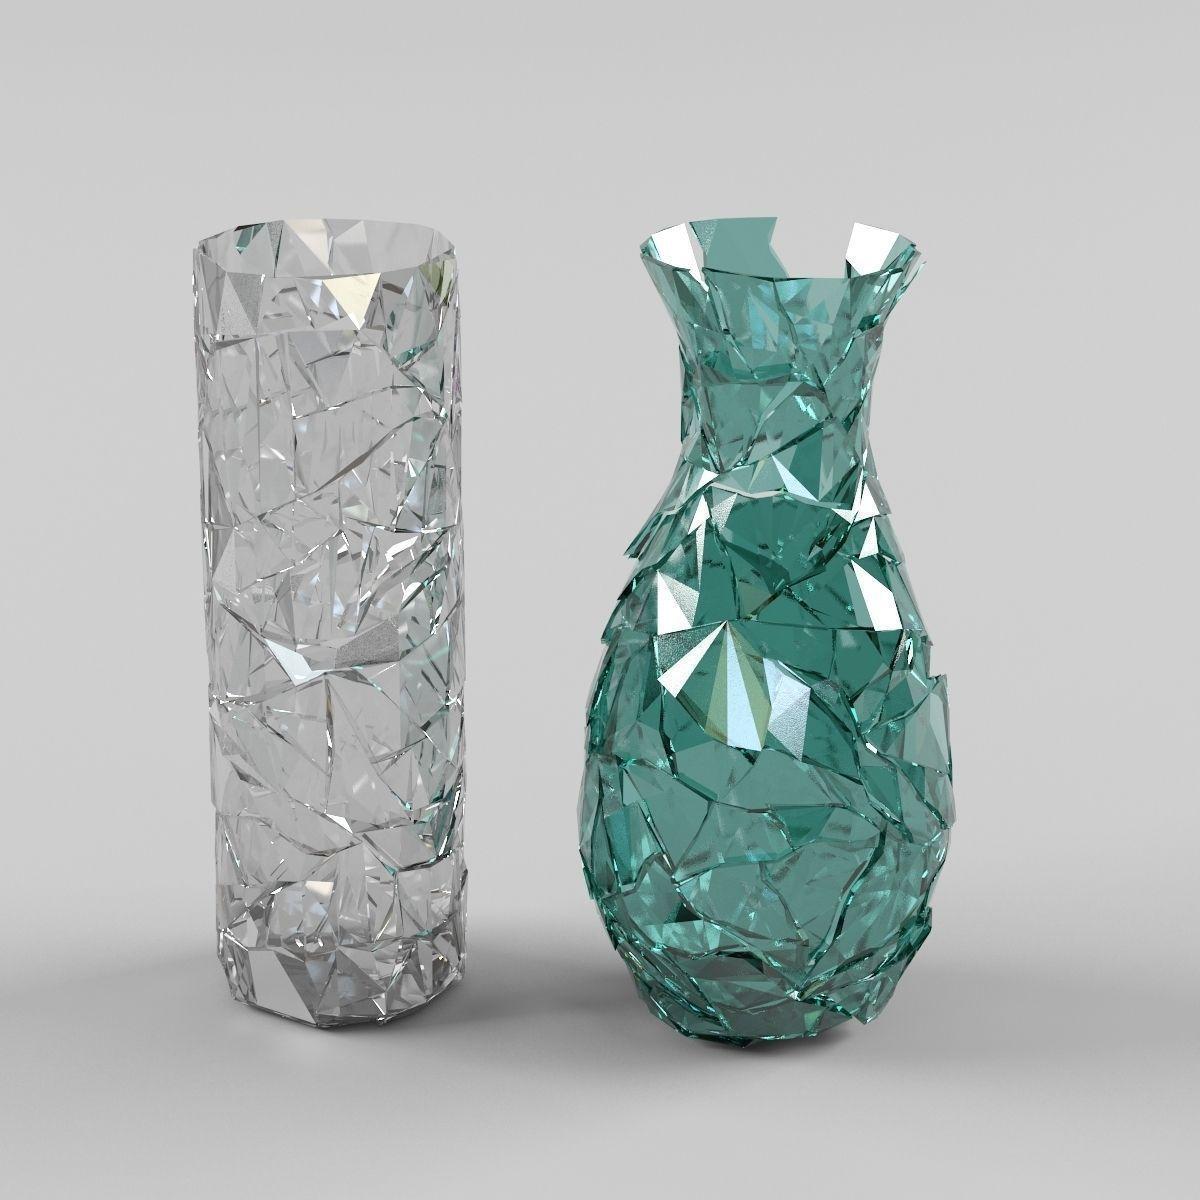 Broken Vases 3d Model Fbx Cgtrader Com